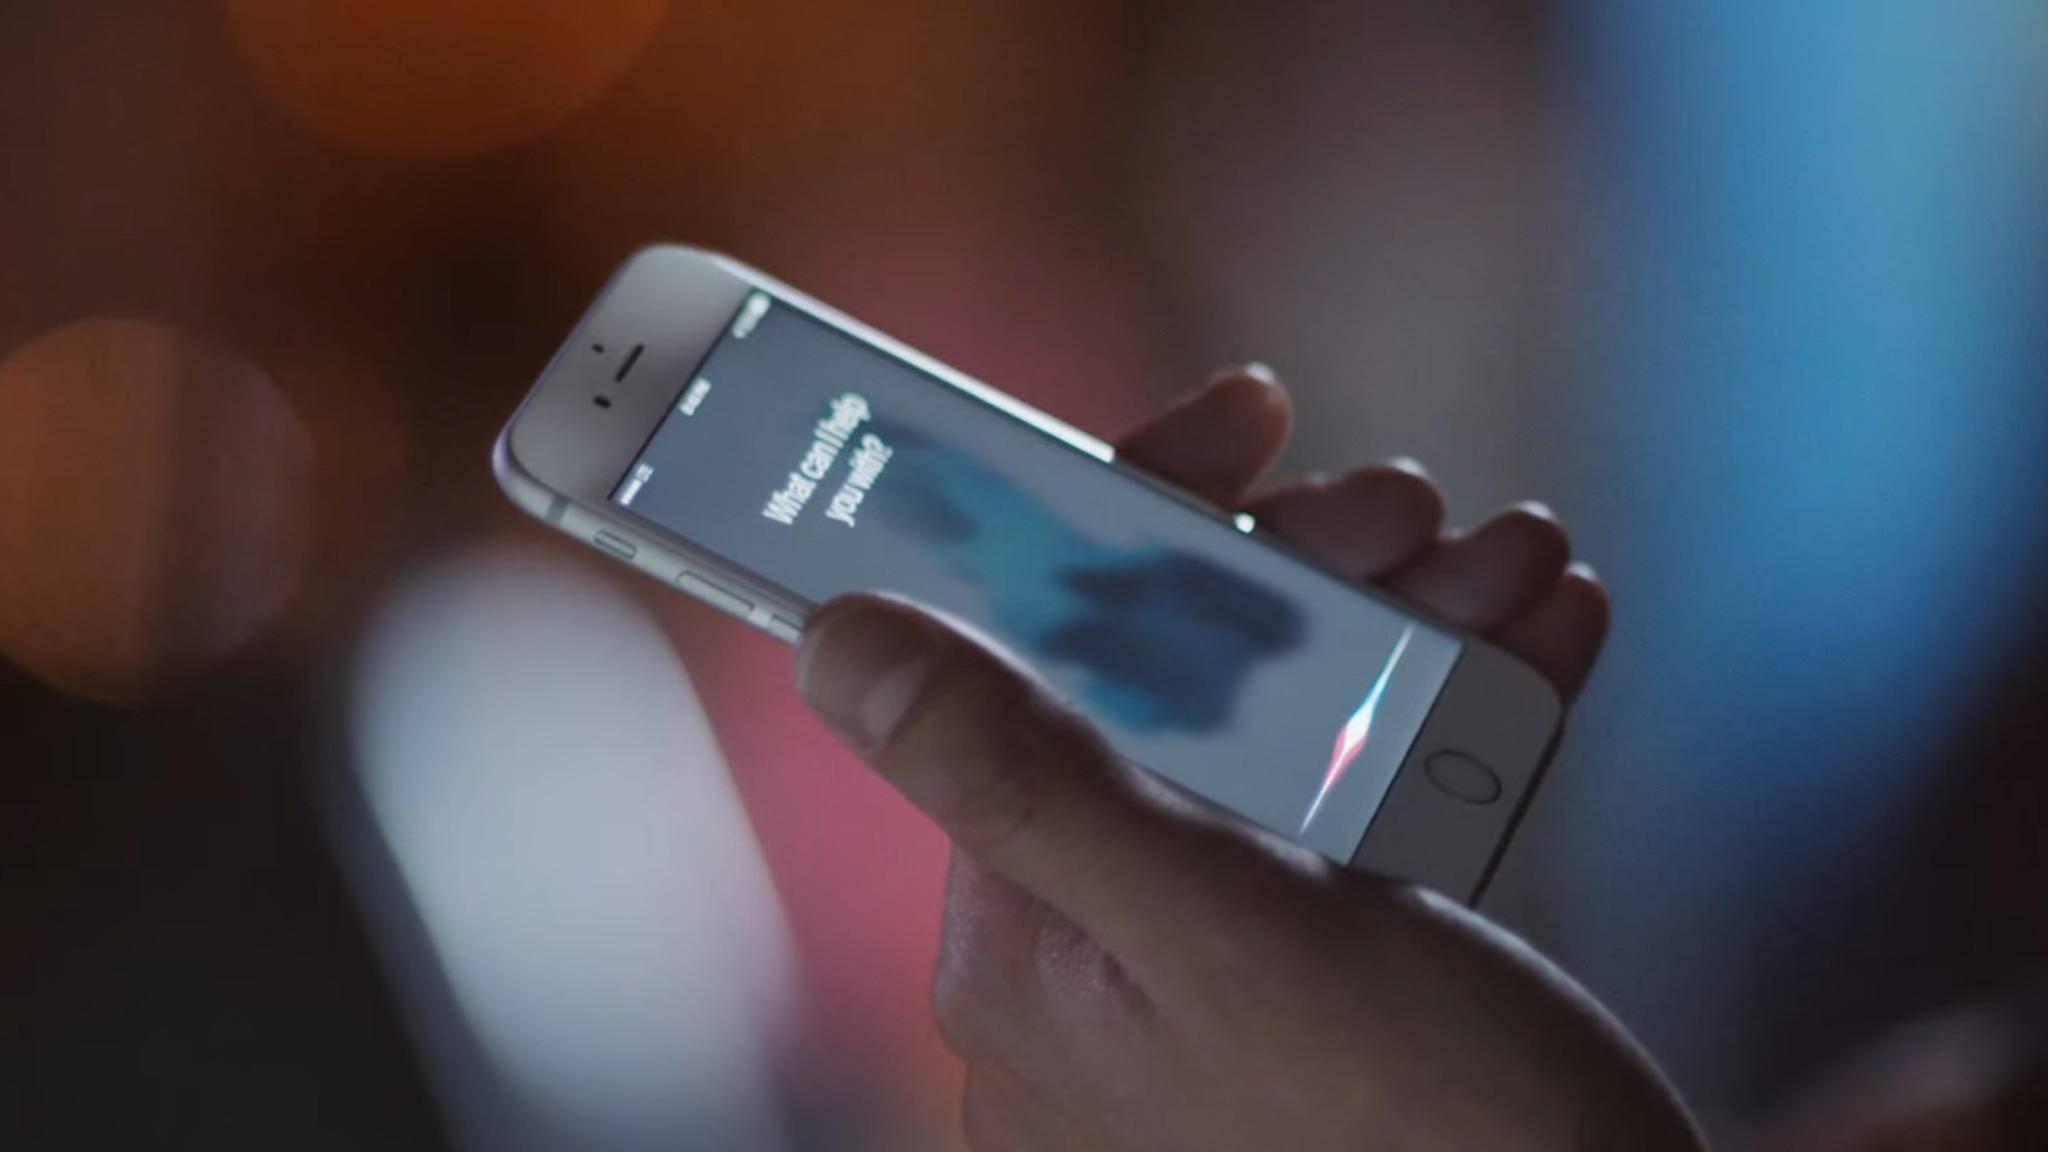 Für die Steuerung von Systemdiensten bleibt Siri unverzichtbar.